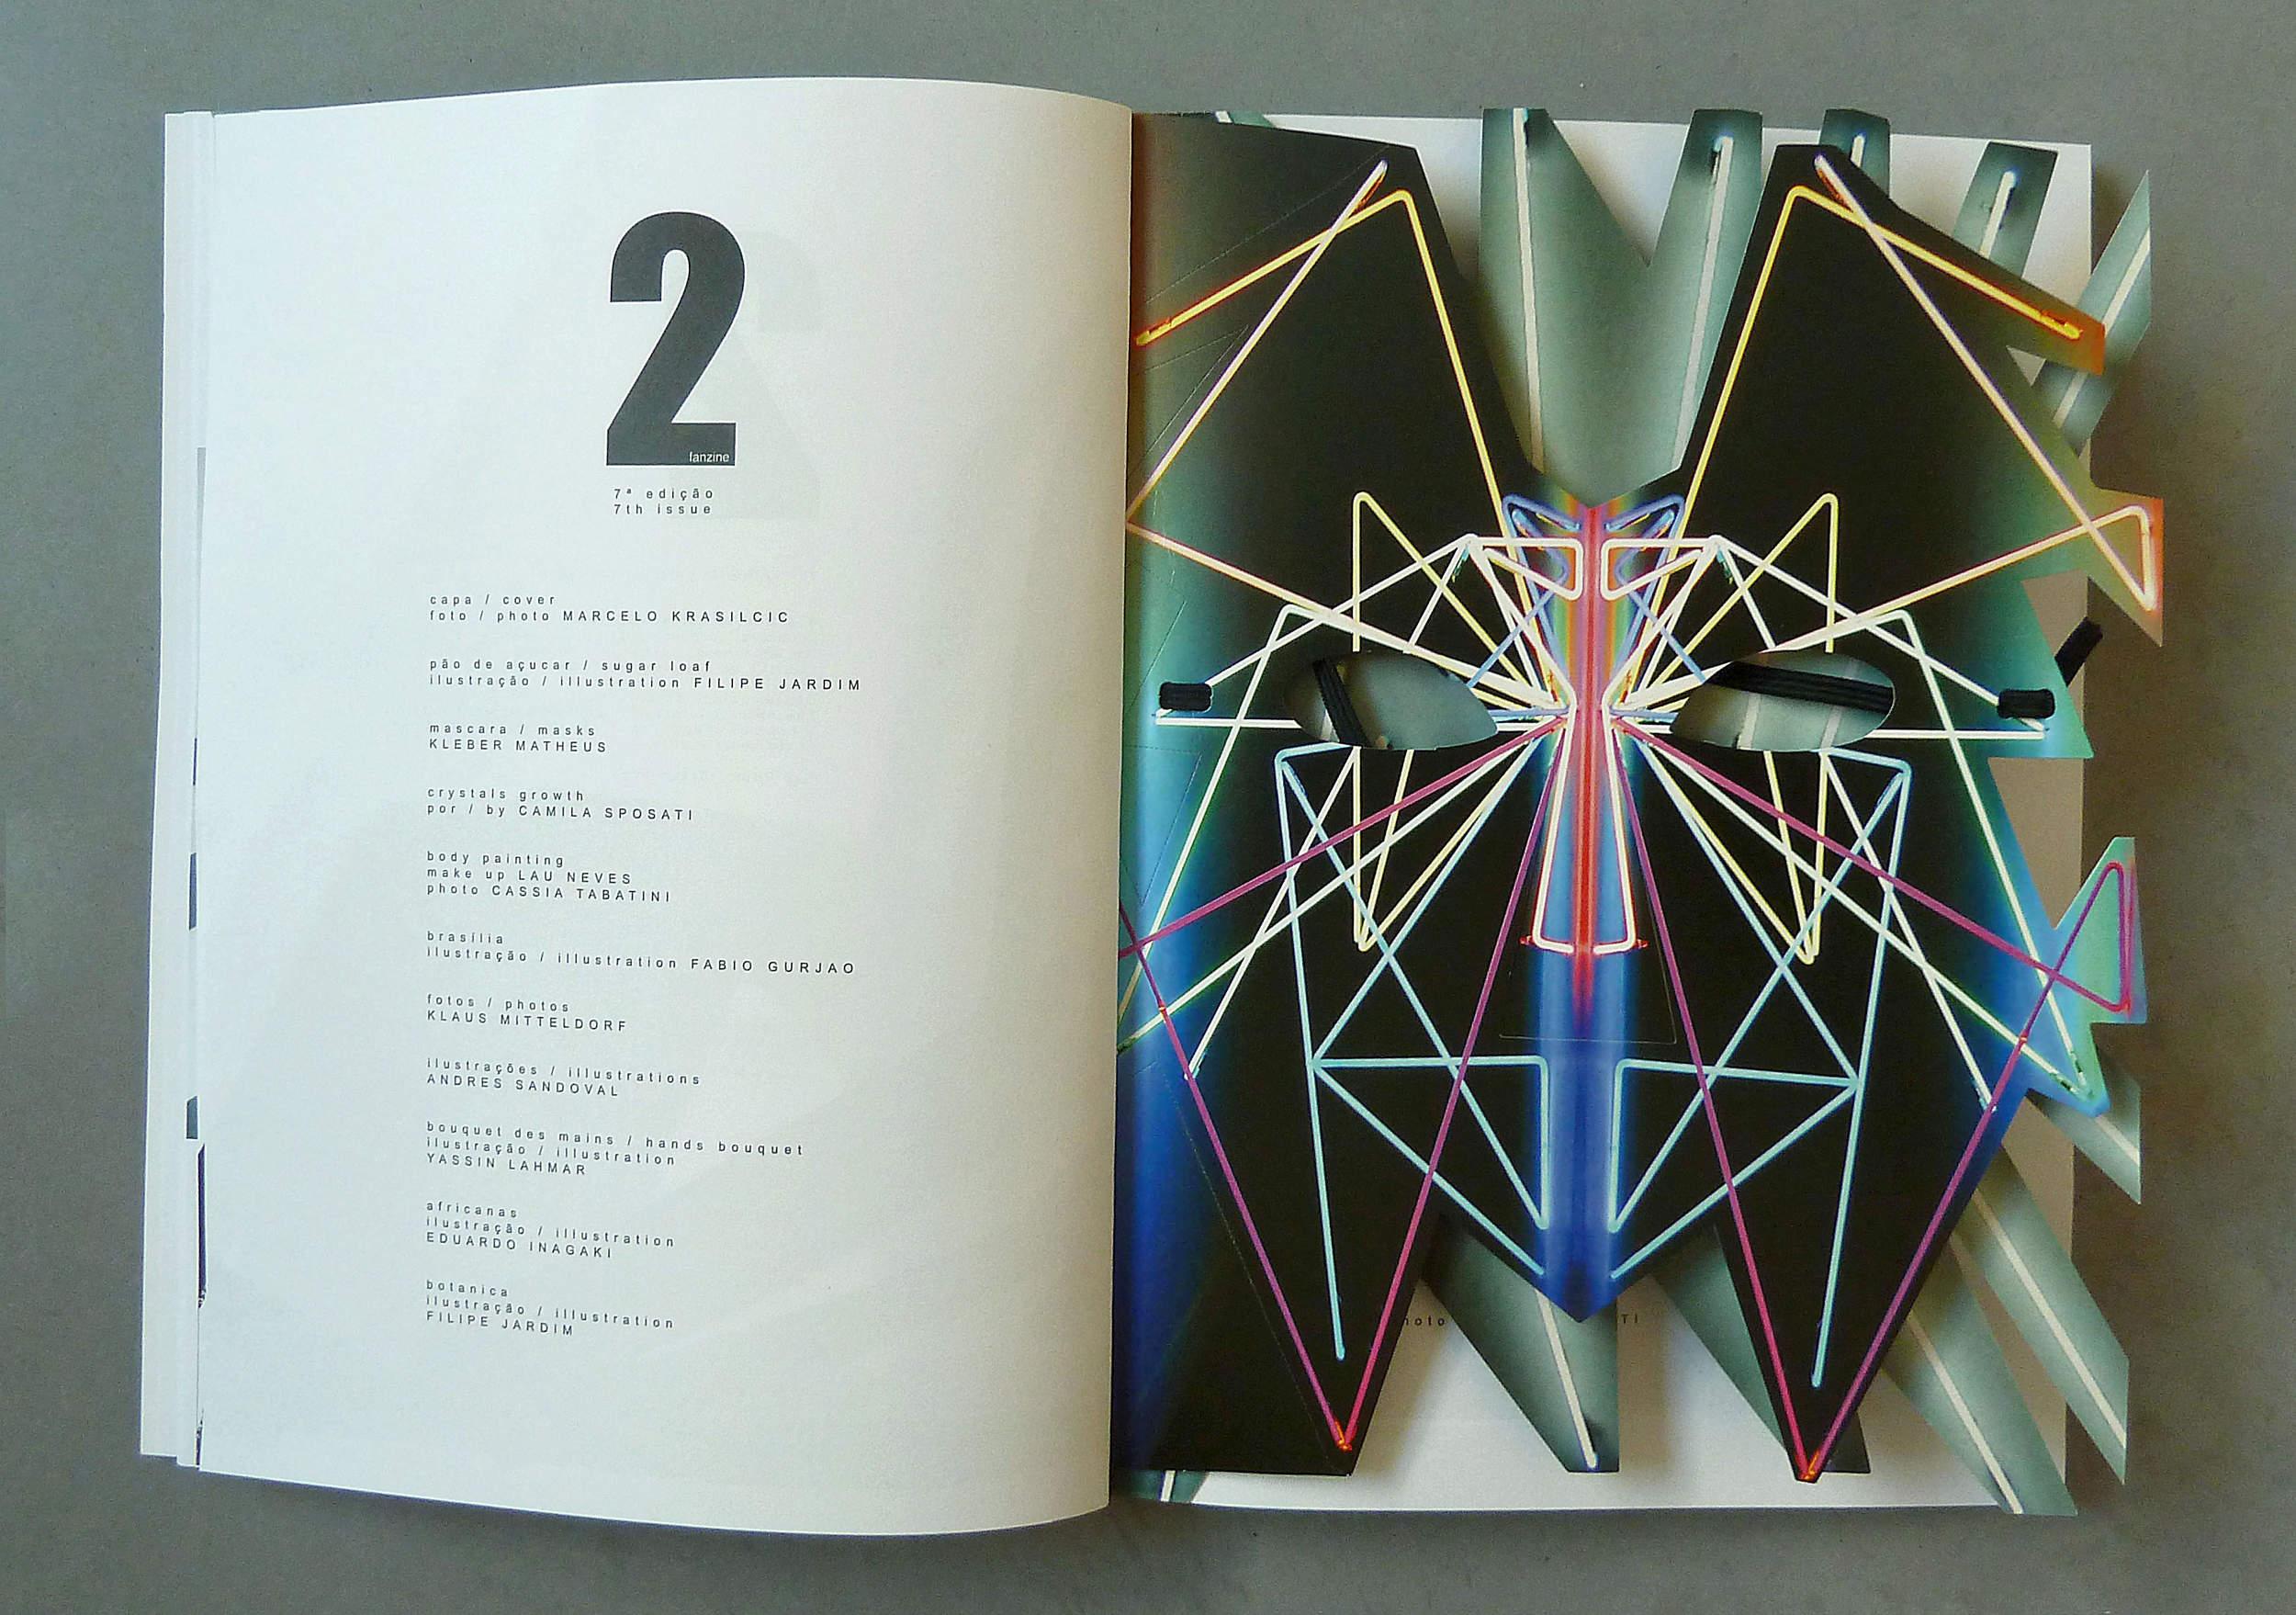 Extrait du septième numéro@de 2 Fanzine